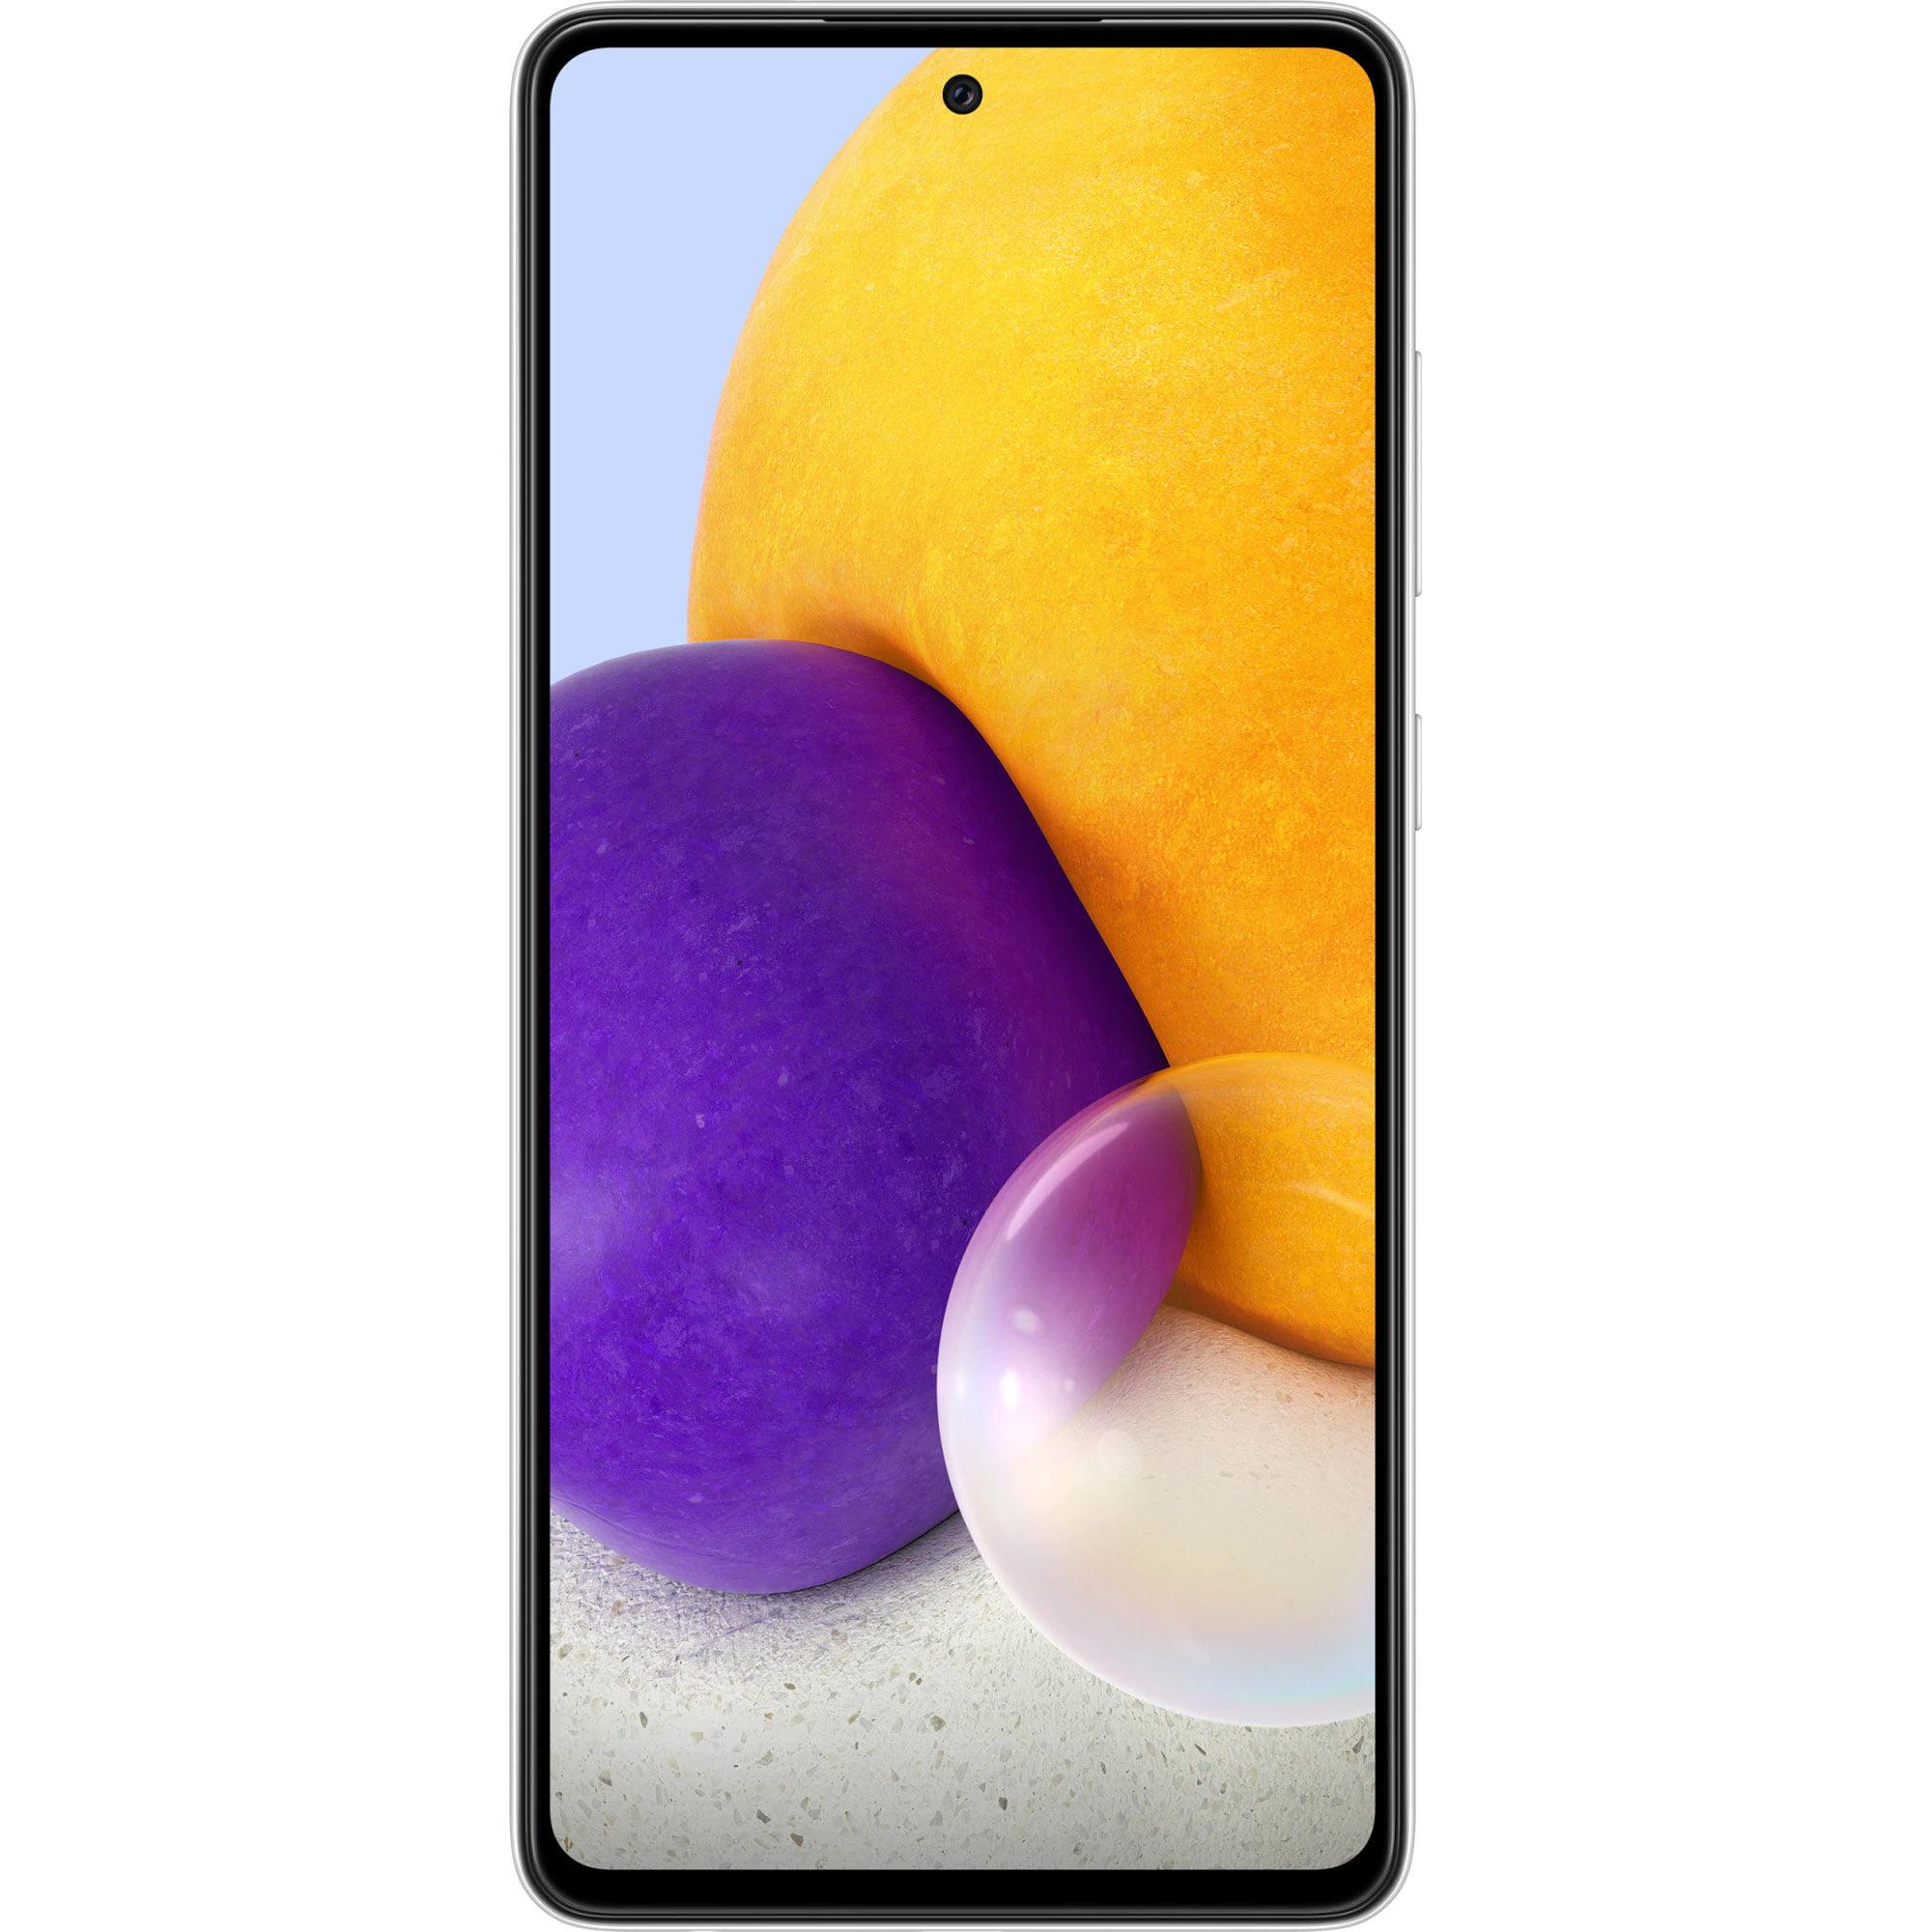 Telefon mobil Samsung Galaxy A72, Dual SIM, 256GB, 8GB RAM, 4G, Awesome White